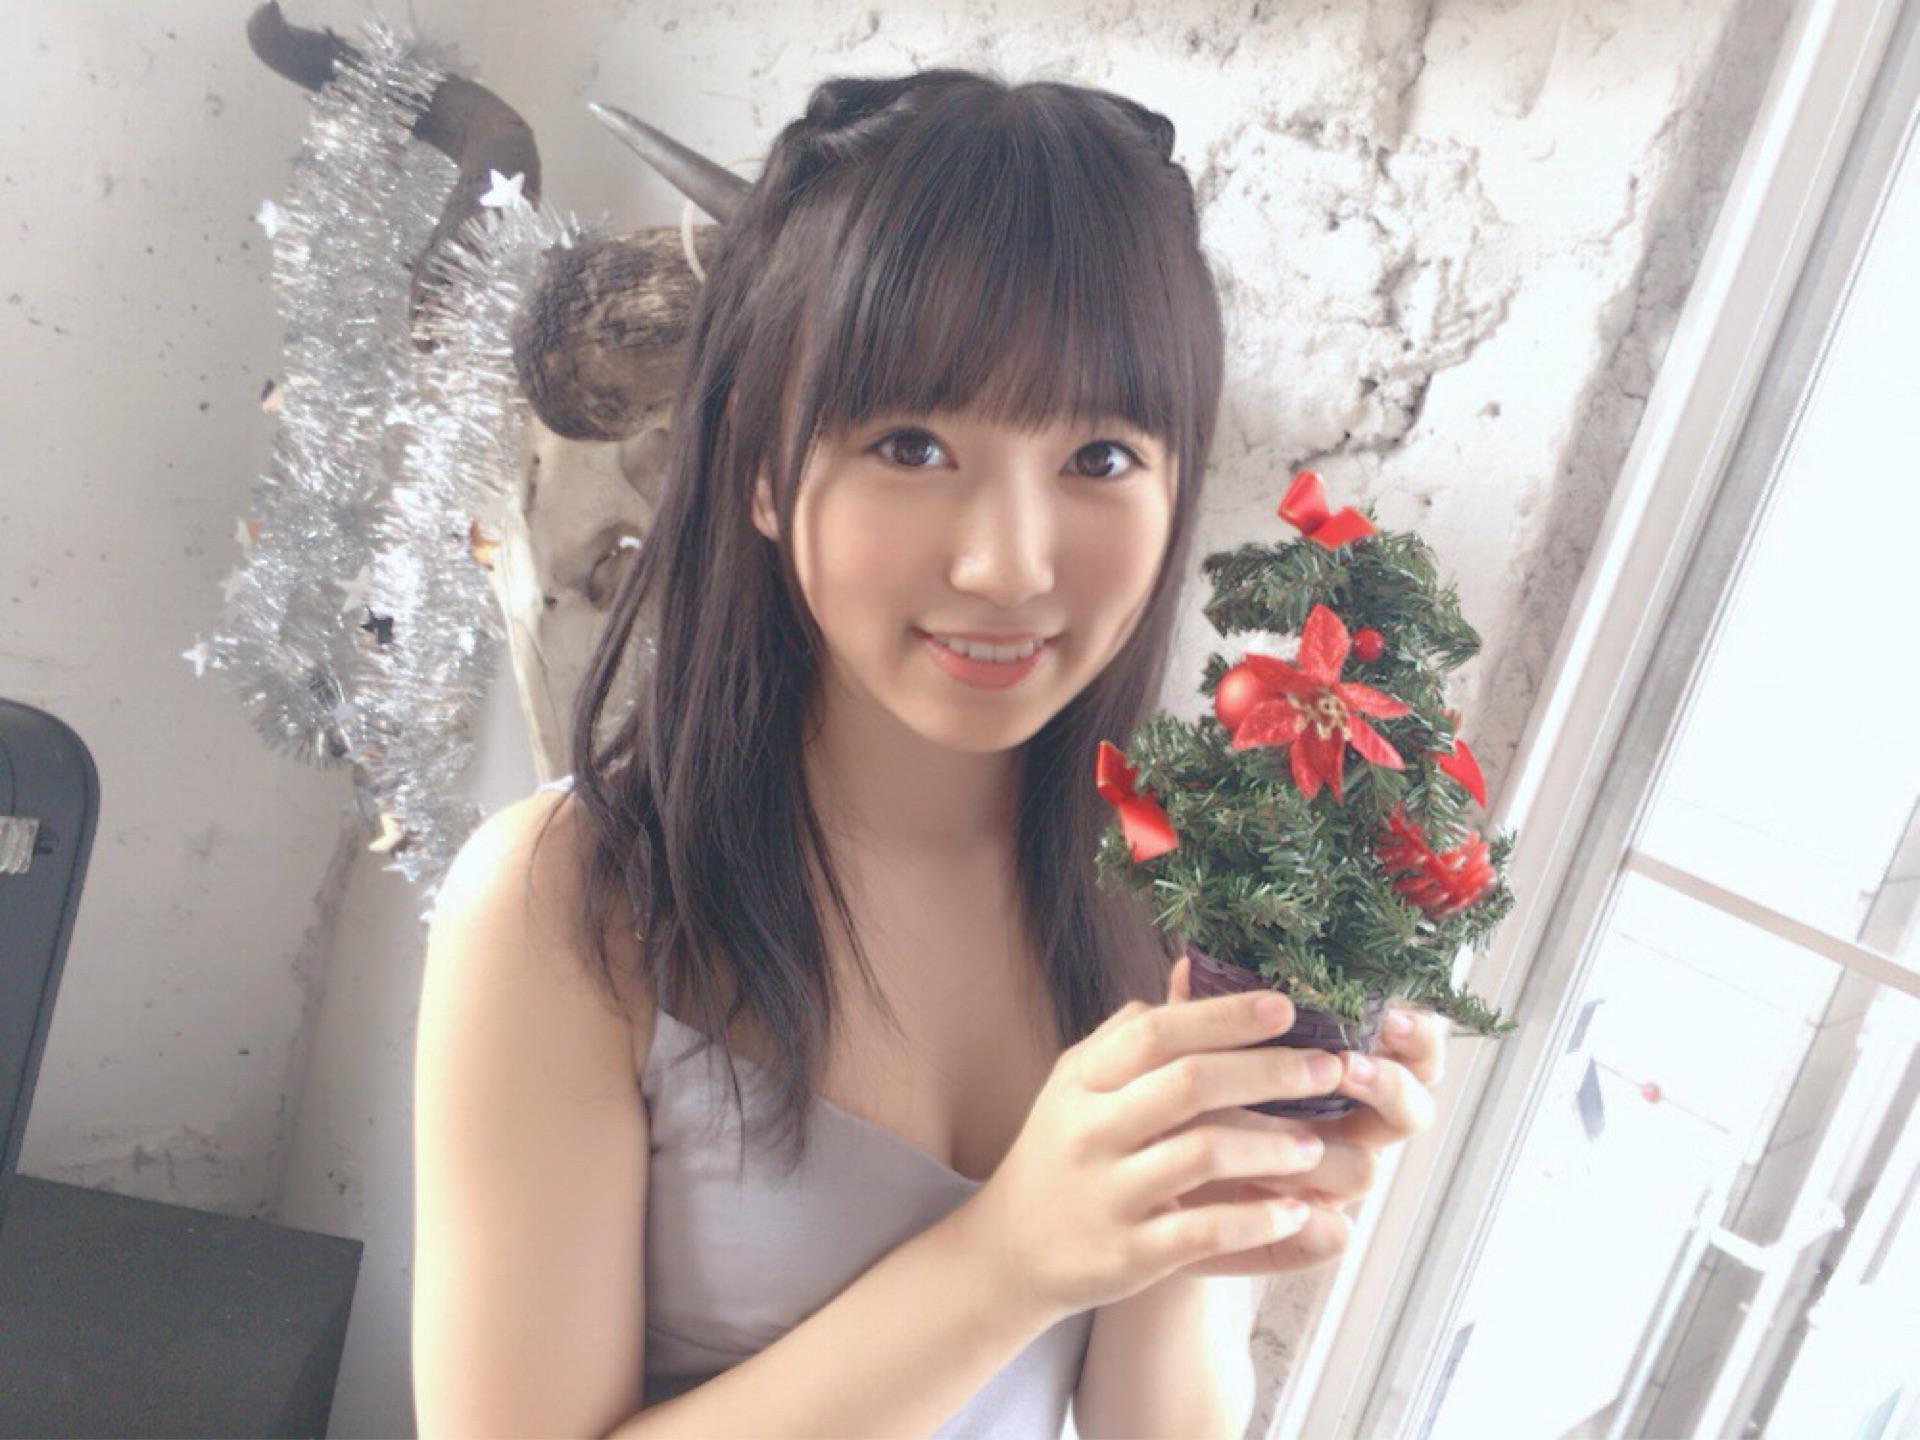 矢吹奈子のセクシー画像